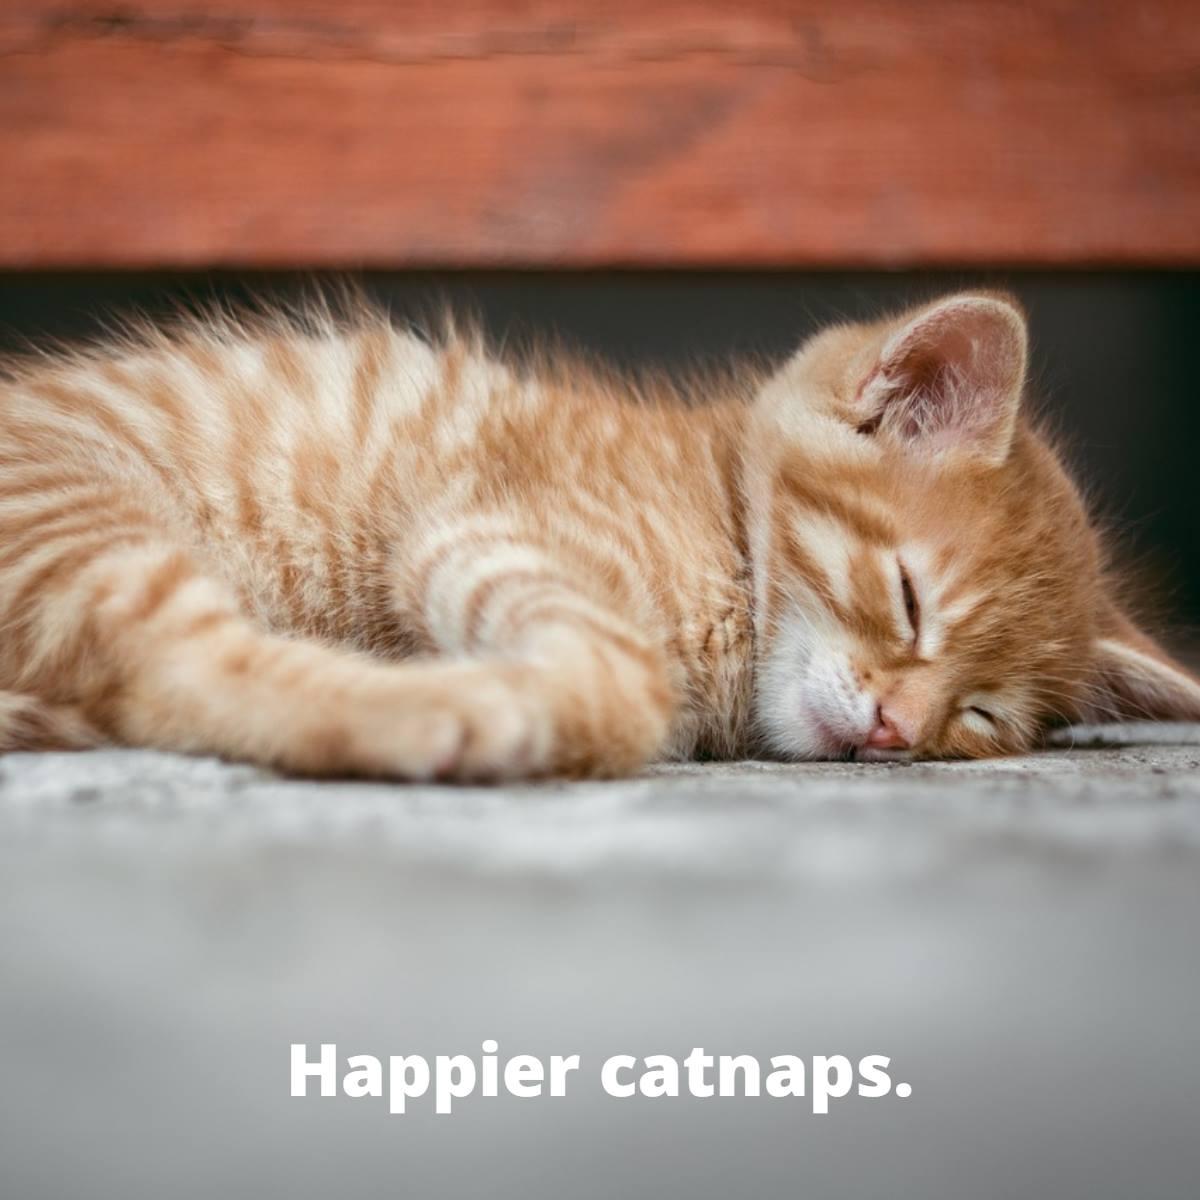 Happier Catnaps